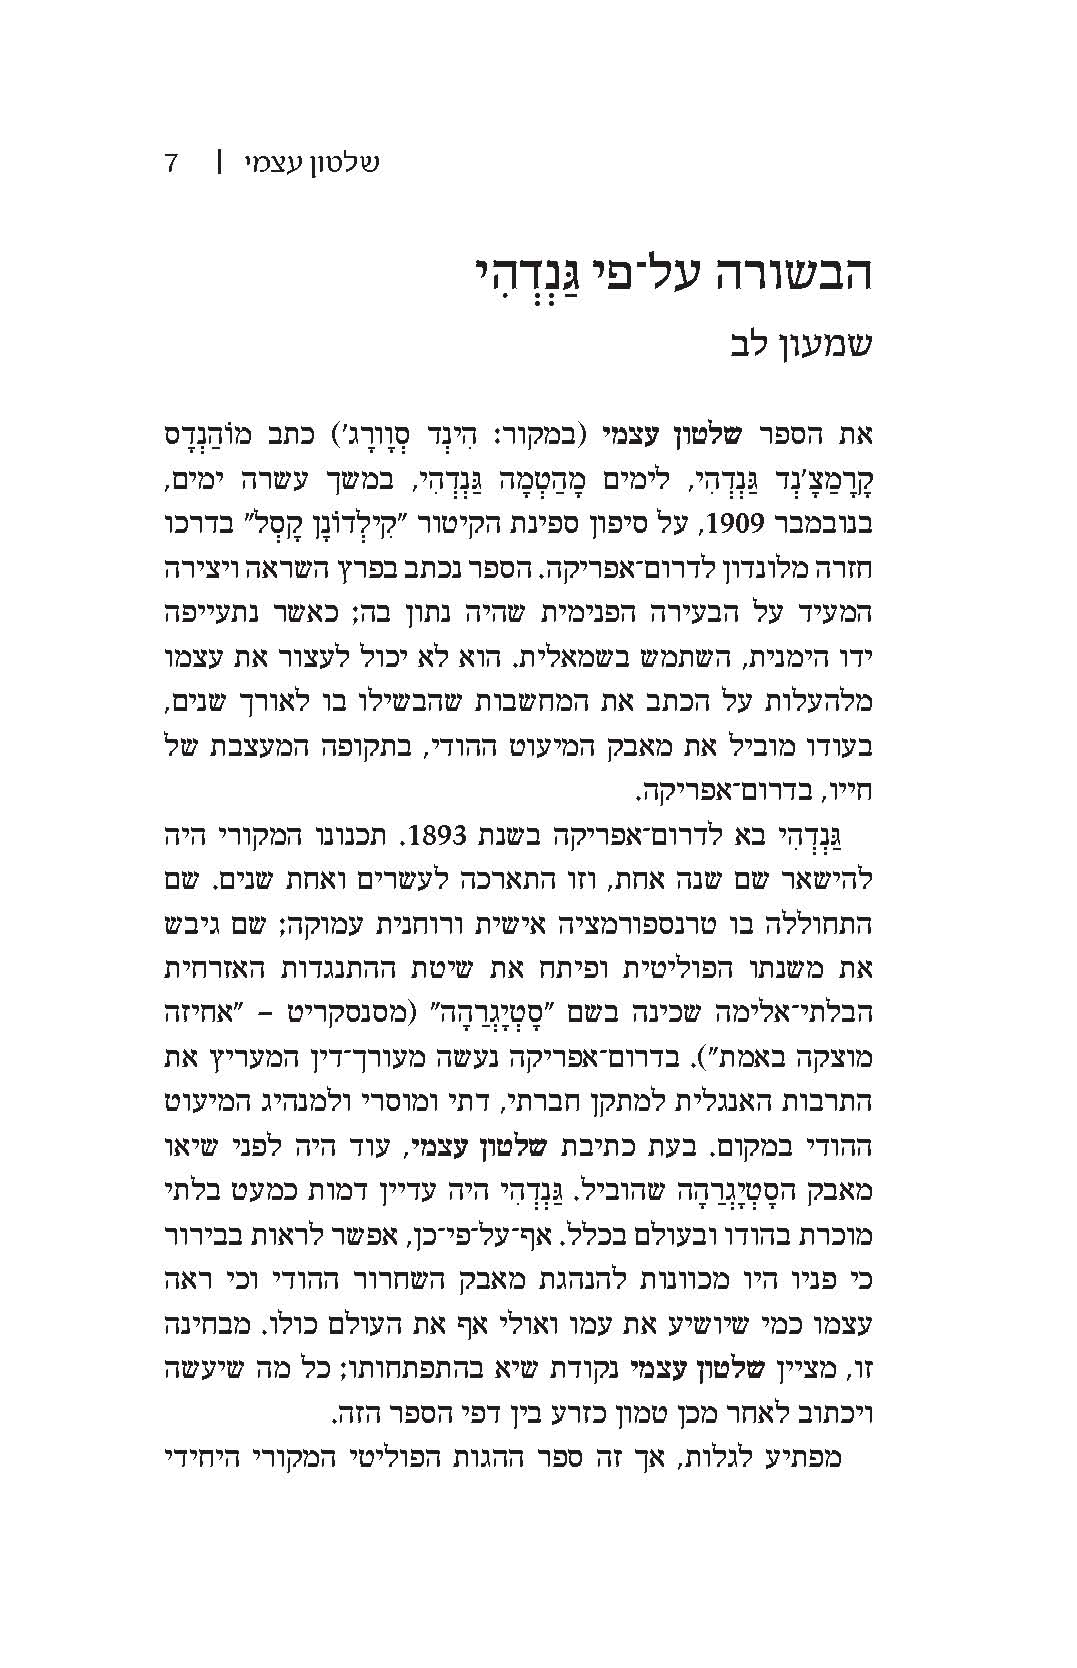 עמוד 5 מתוך הספר שלטון עצמי - מהטמה גנדהי